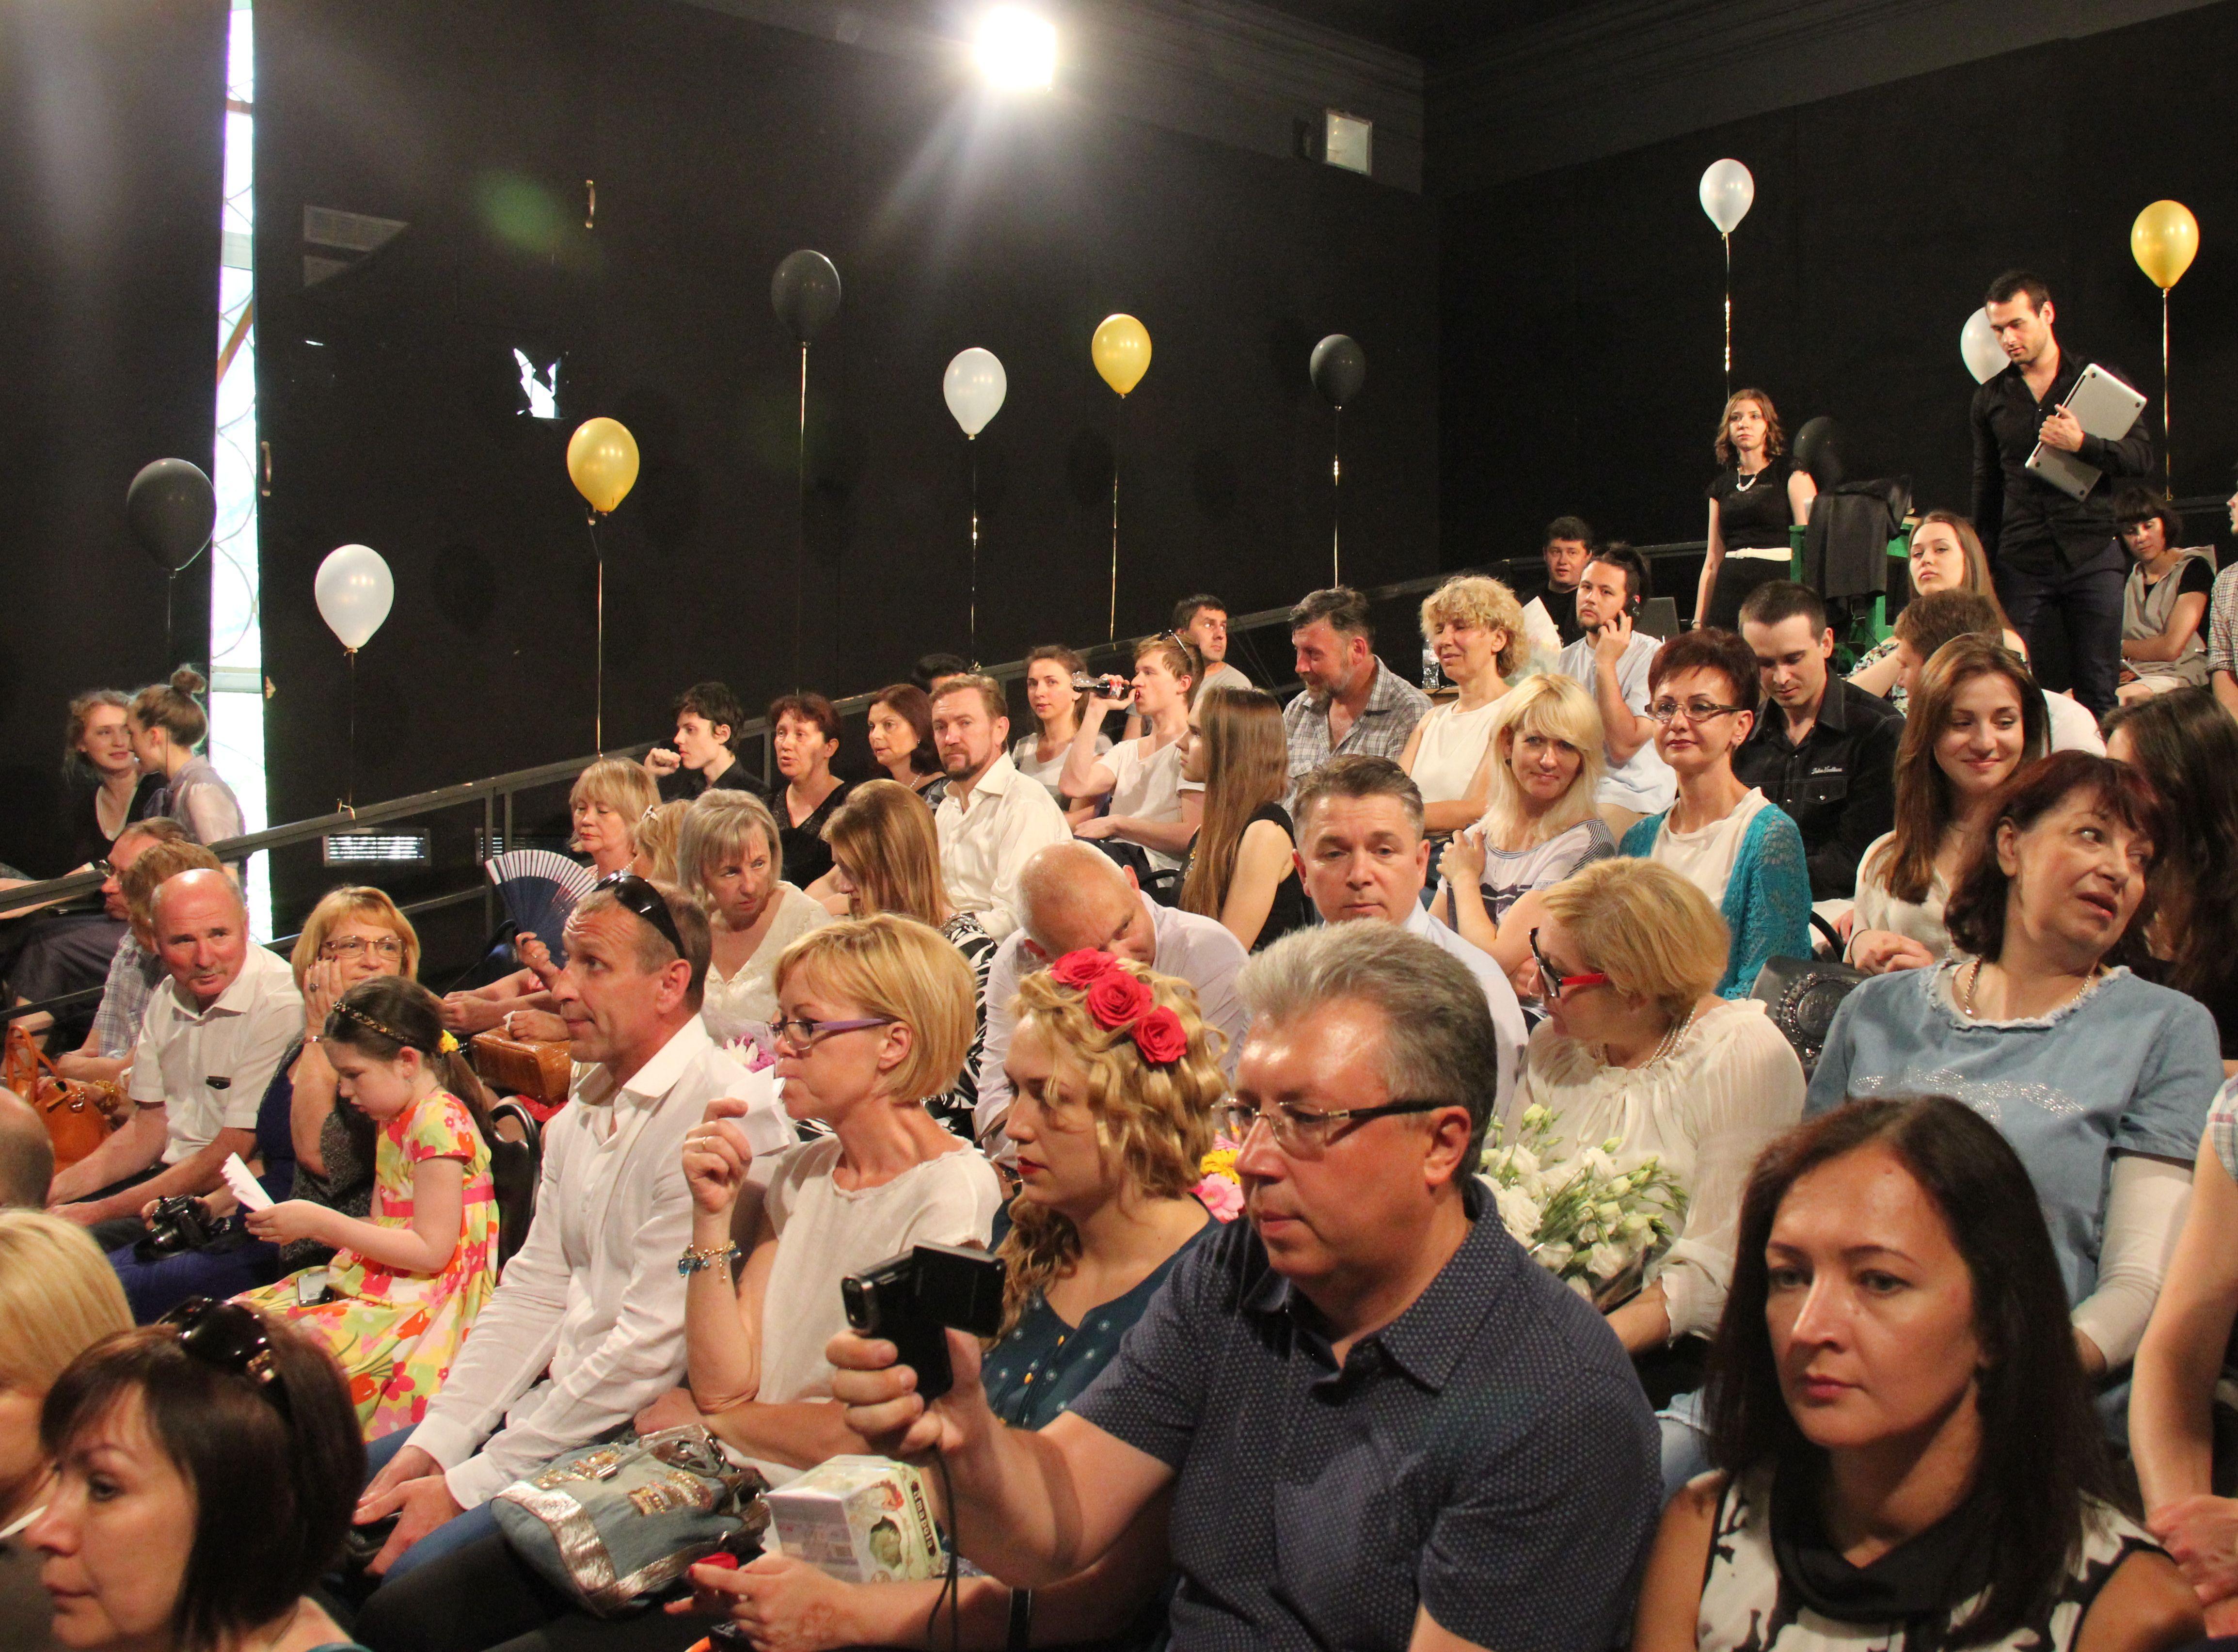 июня во ВГИКе прошло вручение дипломов выпускникам актерской  20 июня во ВГИКе прошло вручение дипломов выпускникам актерской мастерской А Я Михайлова